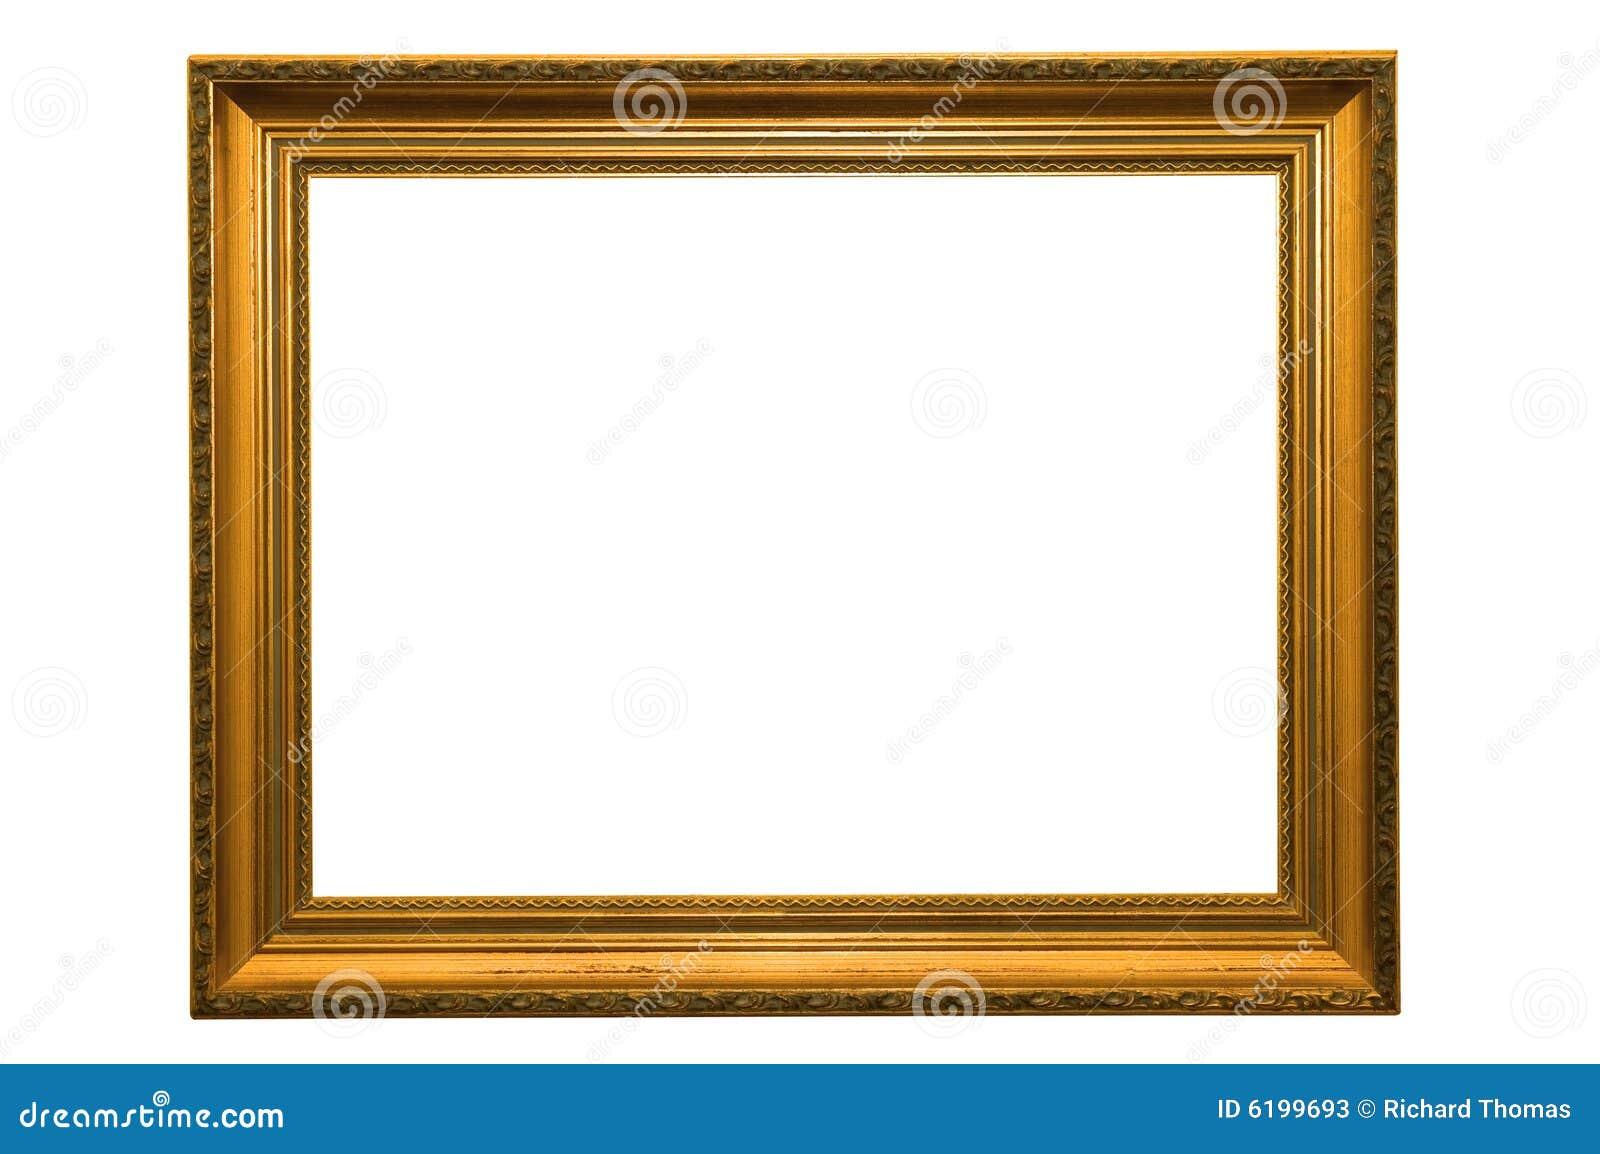 Cadre de tableau d 39 or photos stock image 6199693 for Image de cadre de tableau